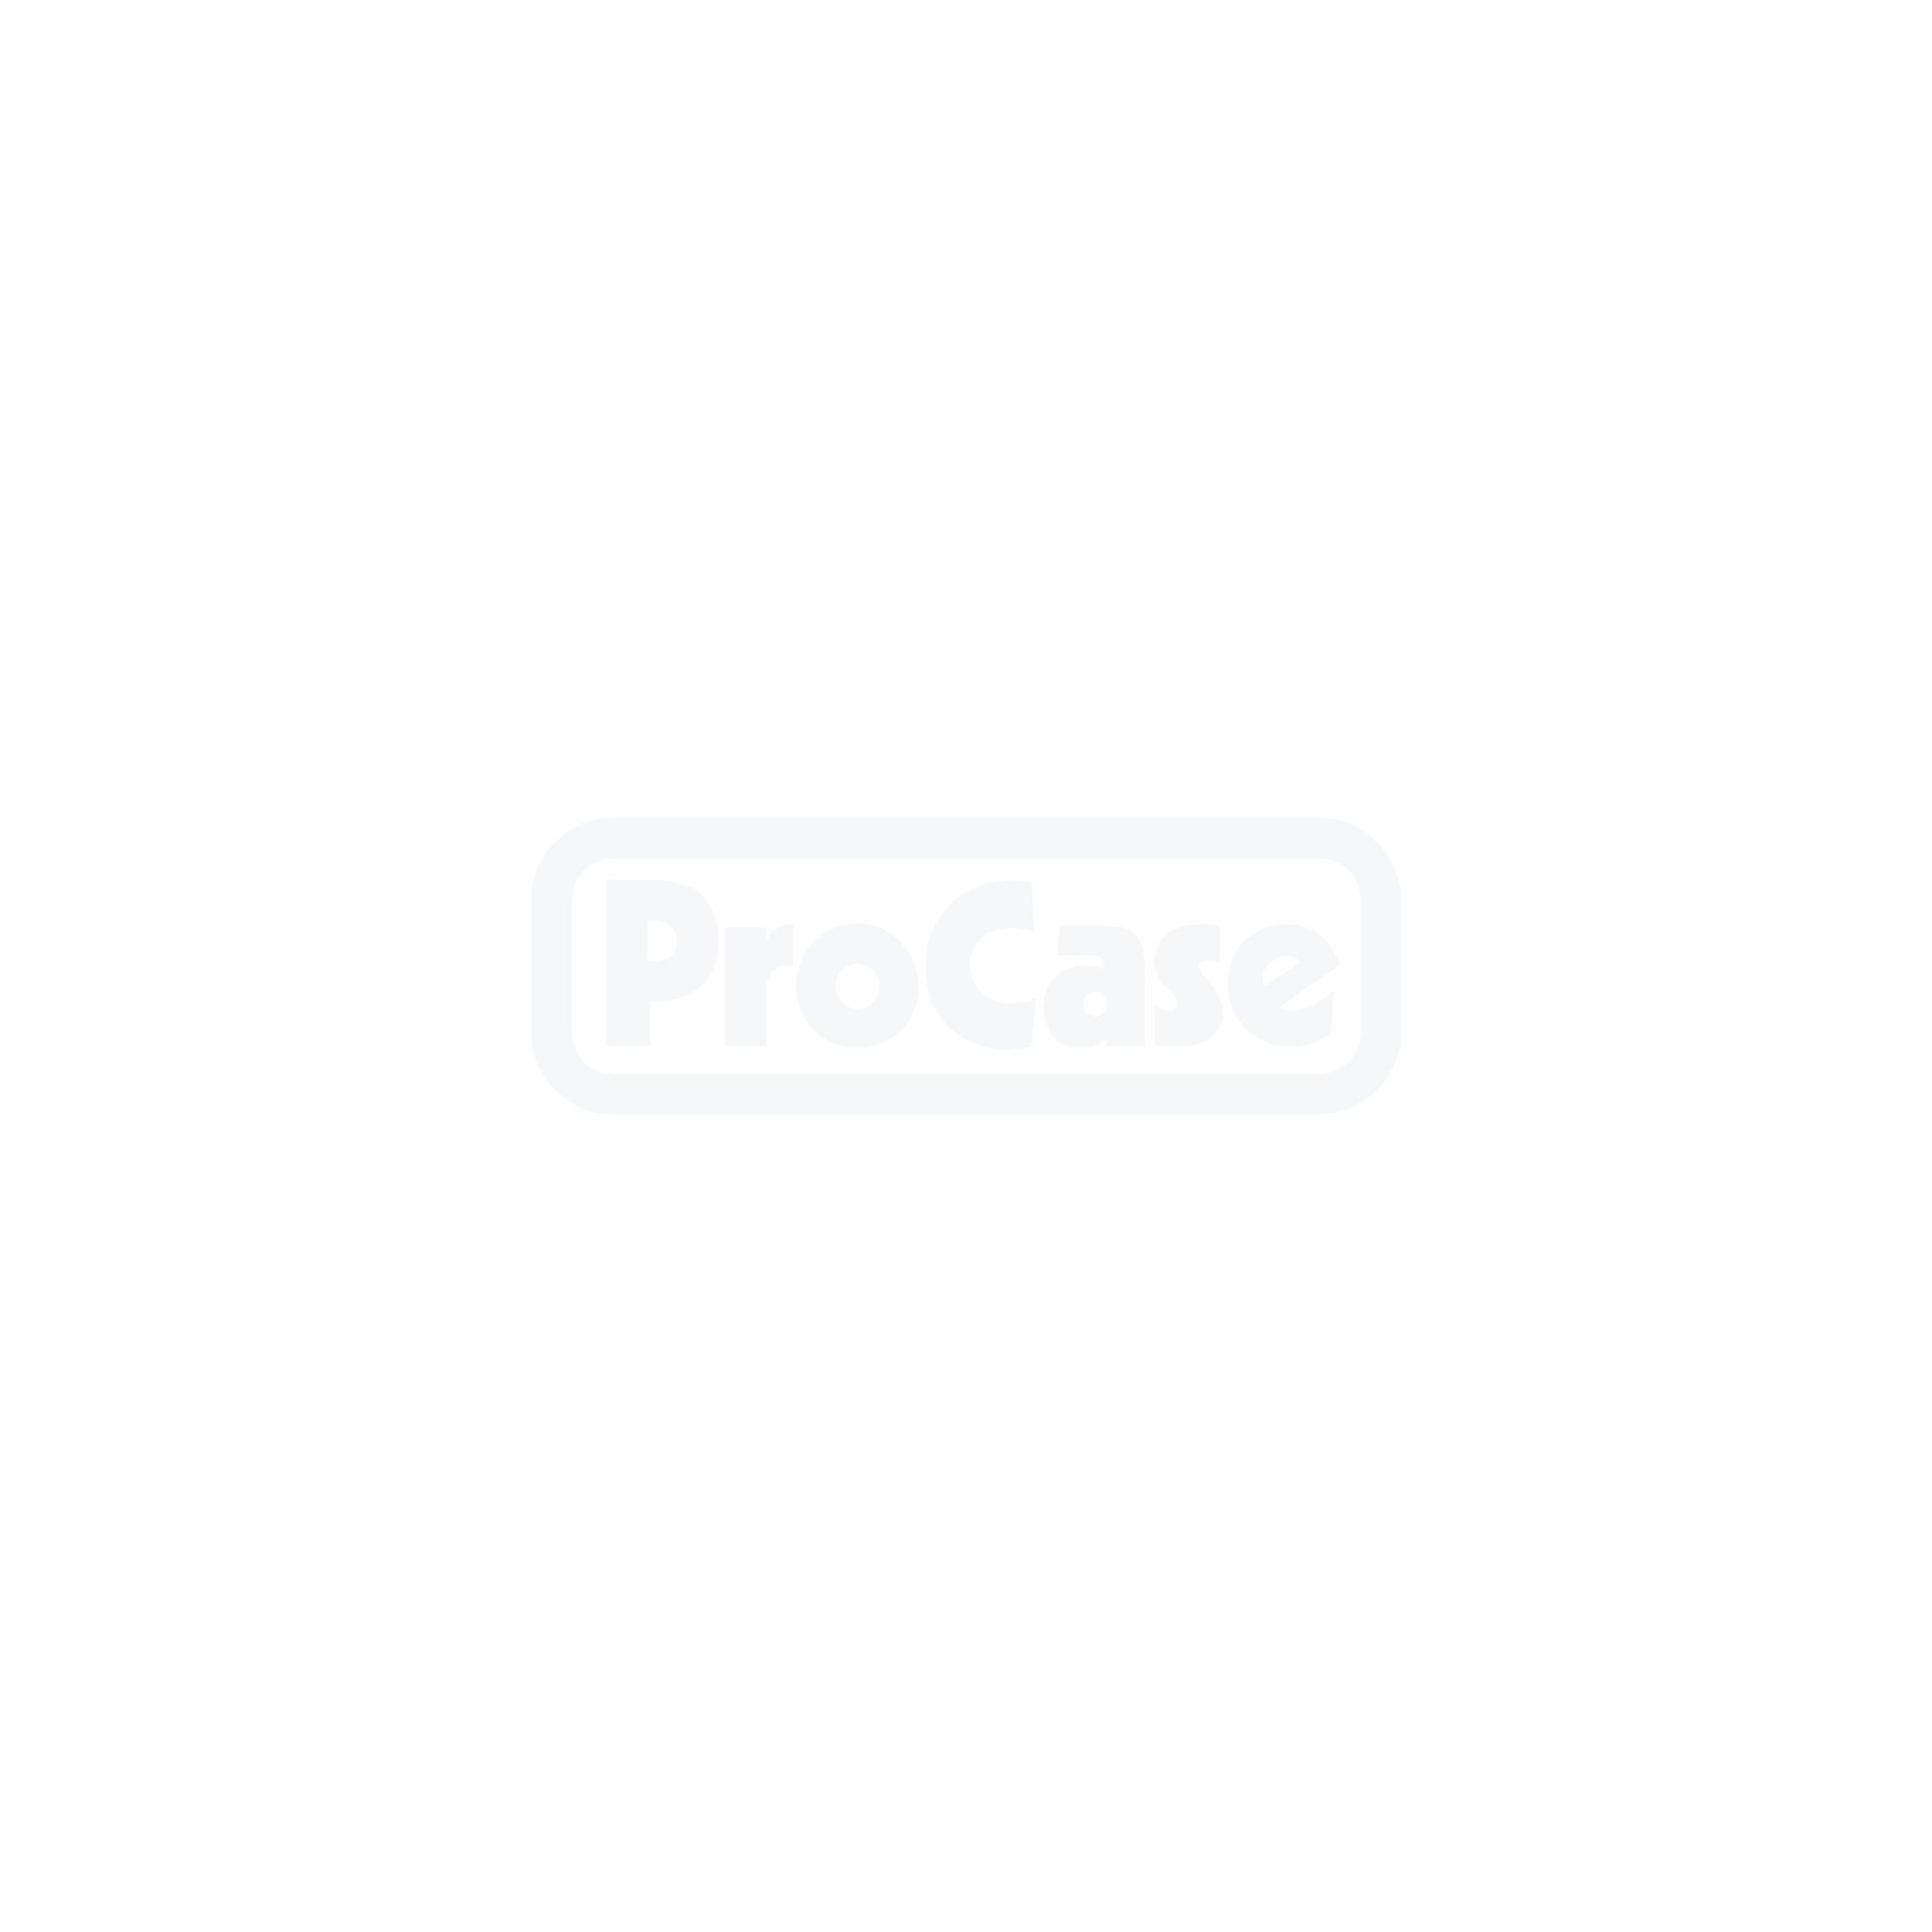 Flightcase für 4 Arri True Blue T1 mit TV-Zapfen